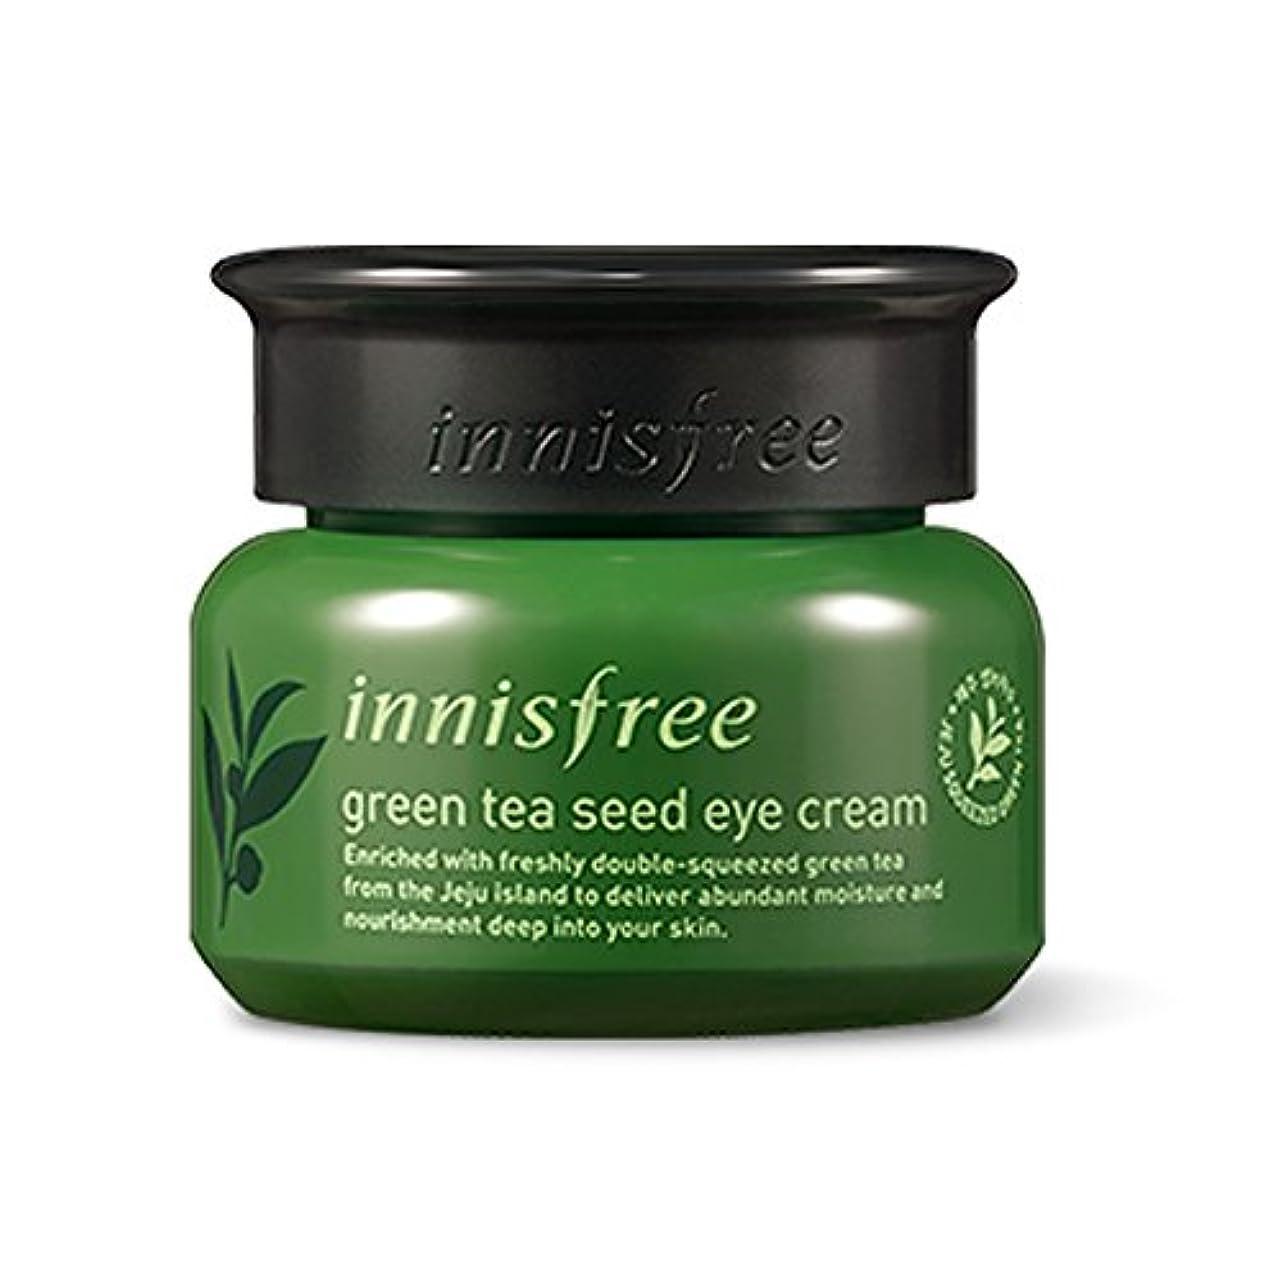 候補者カート裁量イニスフリーグリーンティーシードアイクリーム30ml Innisfree The Green Tea Seed Eye Cream 30ml [海外直送品][並行輸入品]